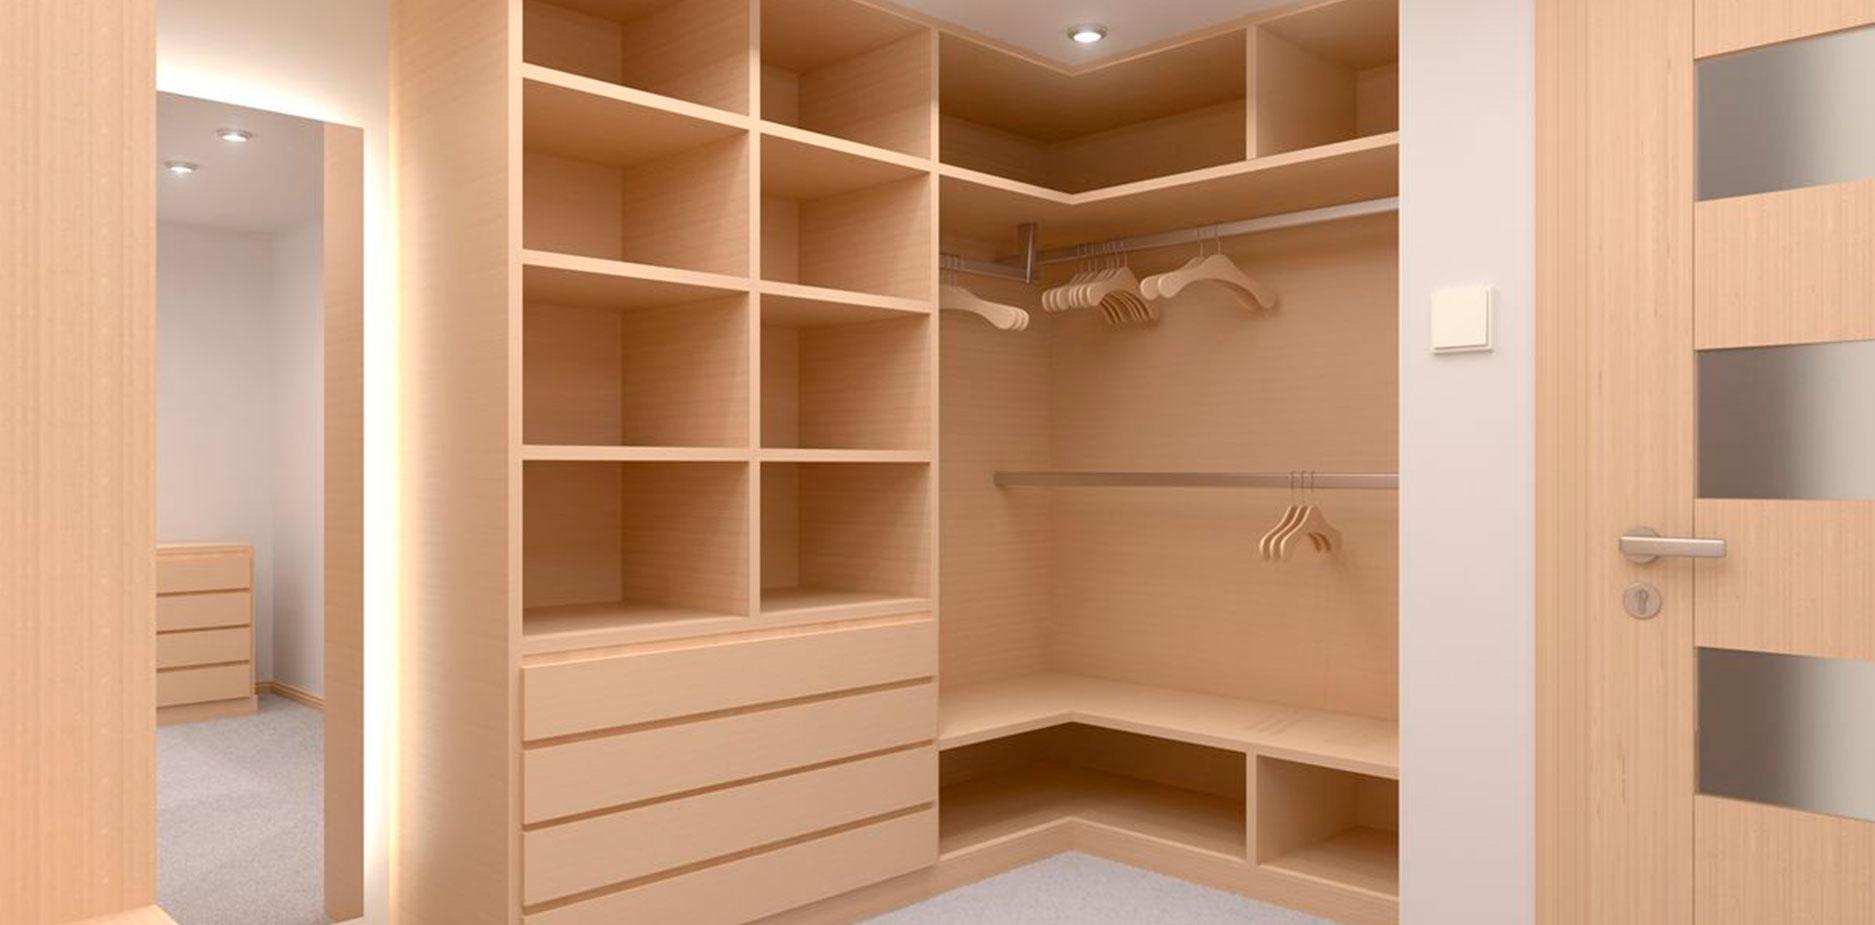 ventajas de los muebles personalizados y a medida